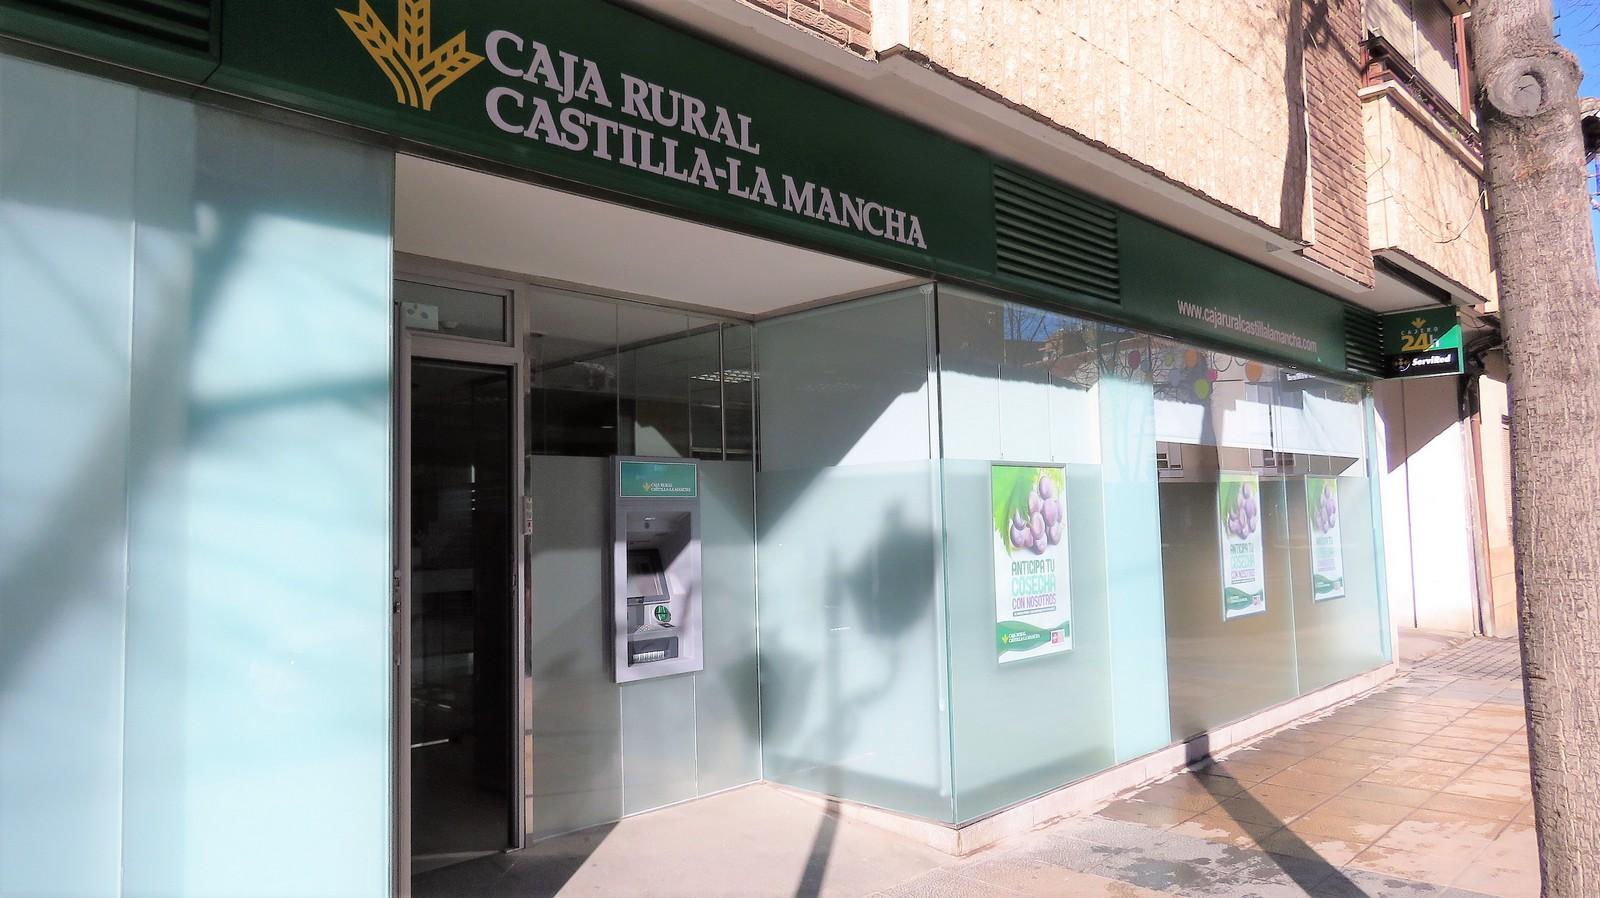 Caja rural castilla la mancha abre sucursal en manzanares for Caja rural de toledo oficinas